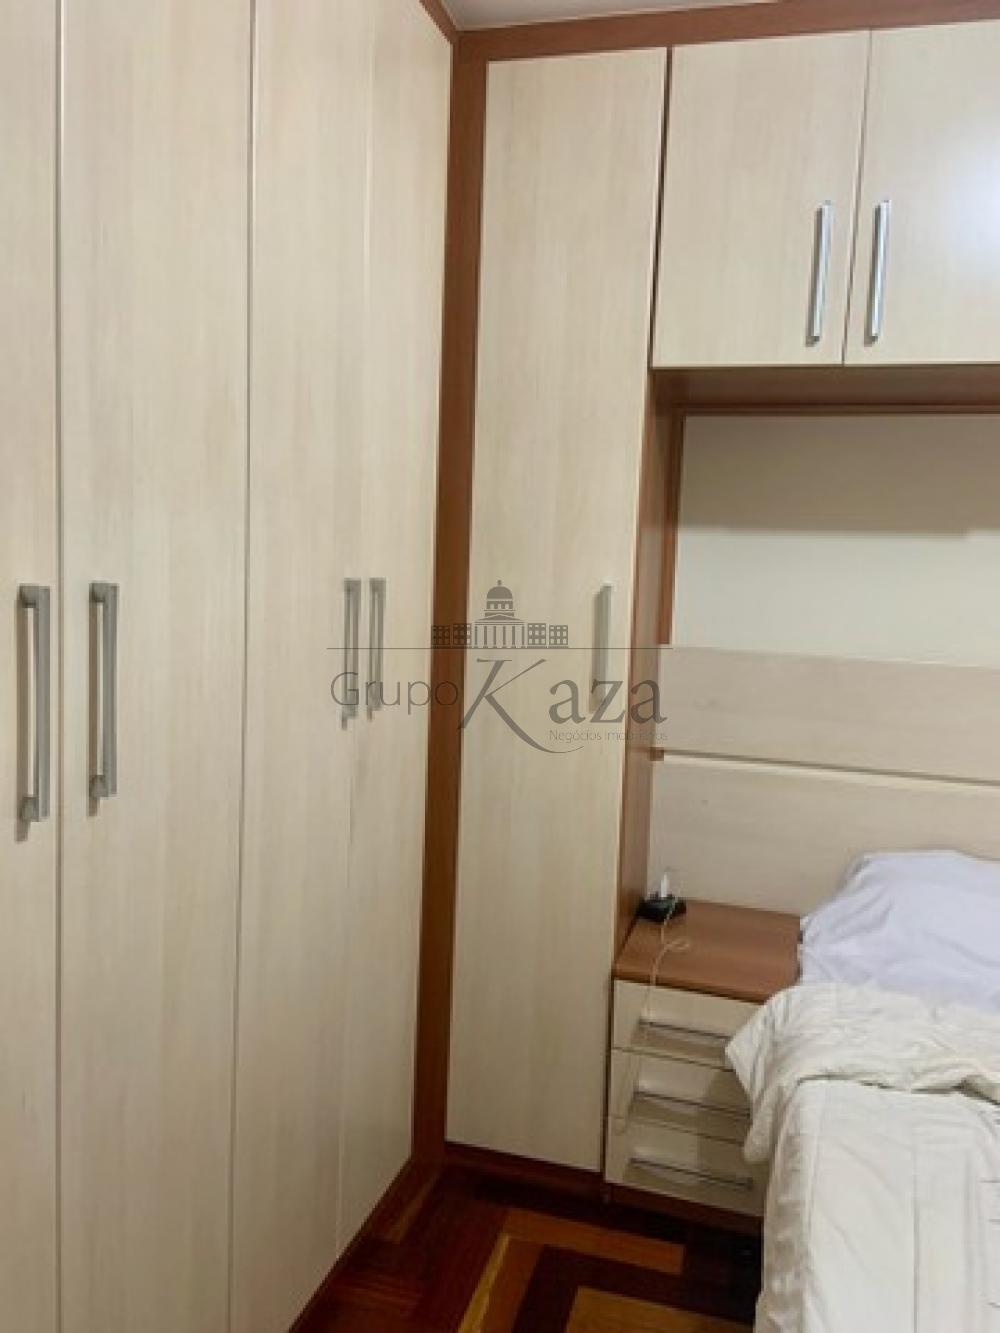 Comprar Casa / Geminada em São José dos Campos R$ 748.000,00 - Foto 4